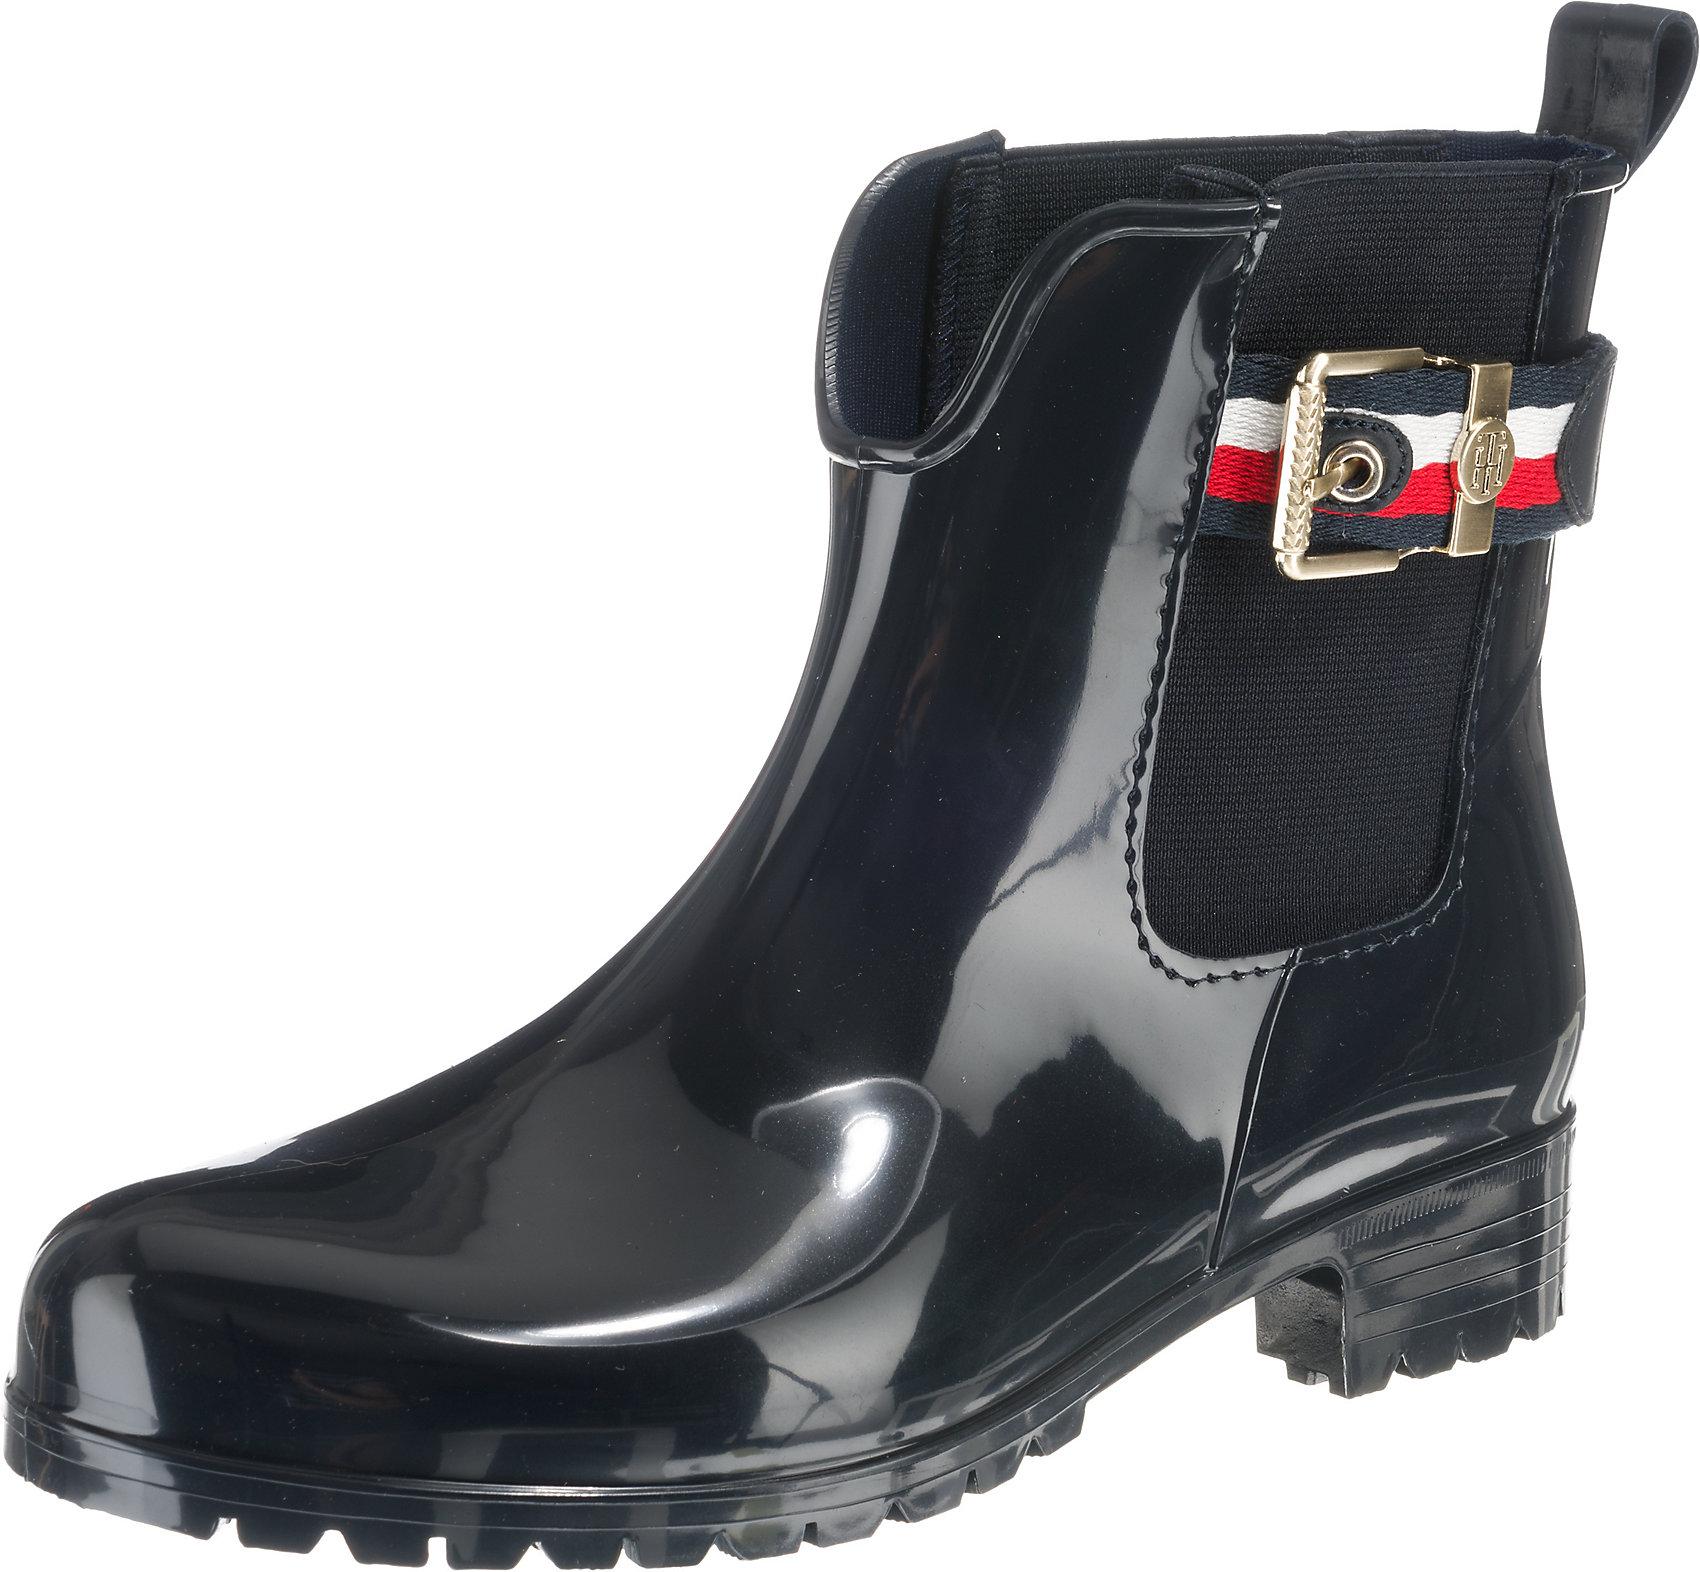 Details zu Neu TOMMY HILFIGER CORPORATE BELT RAIN BOOT Klassische Stiefeletten 8861988